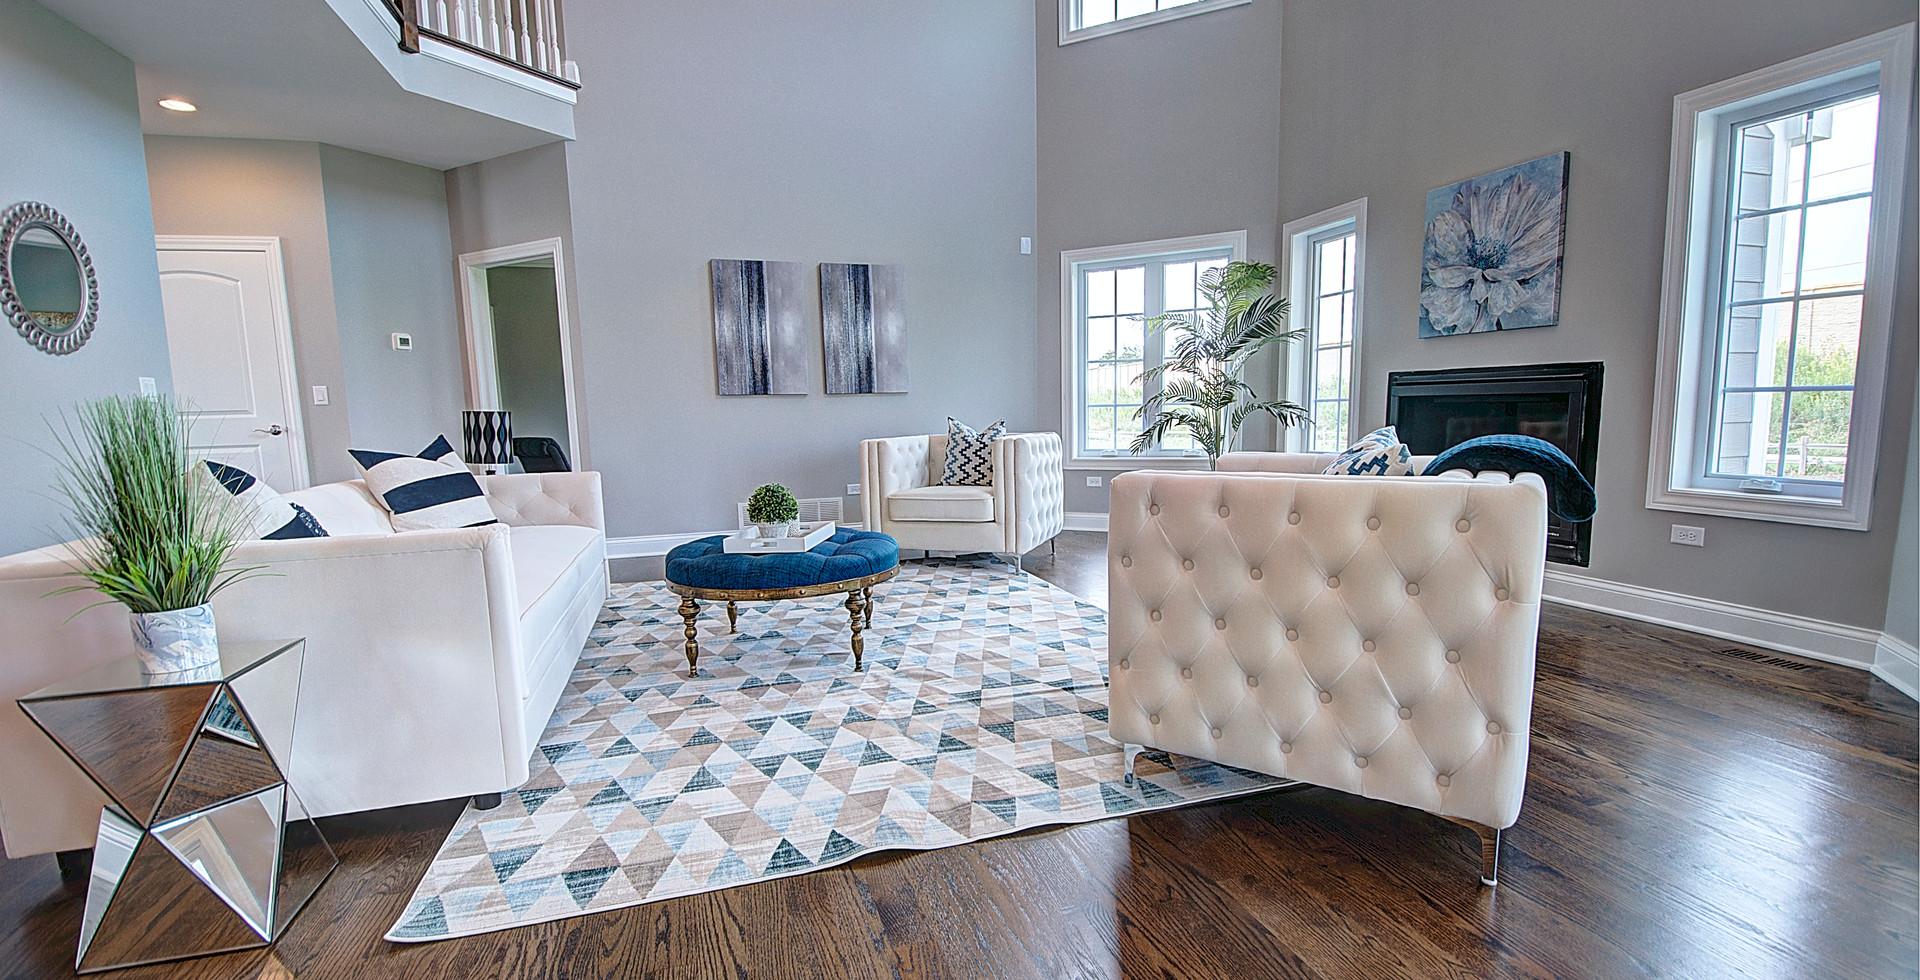 Living Room in Hoffman Estates designed by MRM Home Design.jpg